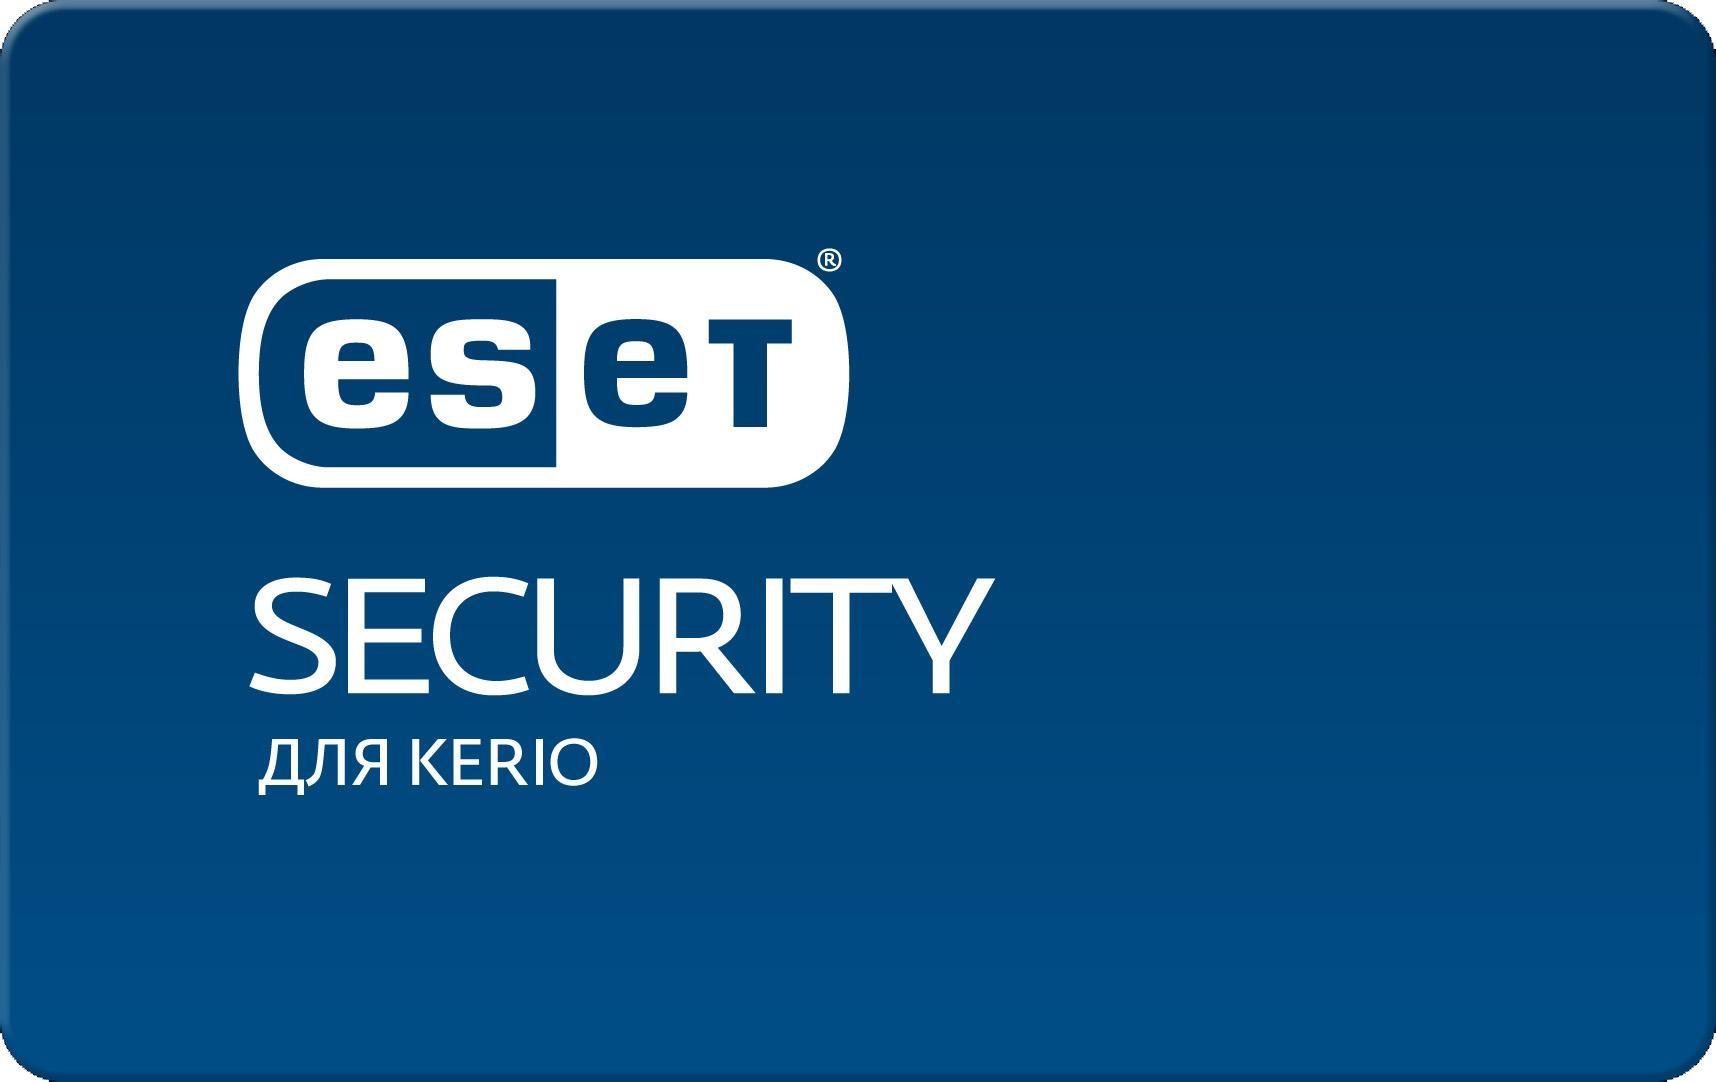 Защита почтовых серверов и интернет-шлюзов Eset Security для Kerio  для 66 пользователей